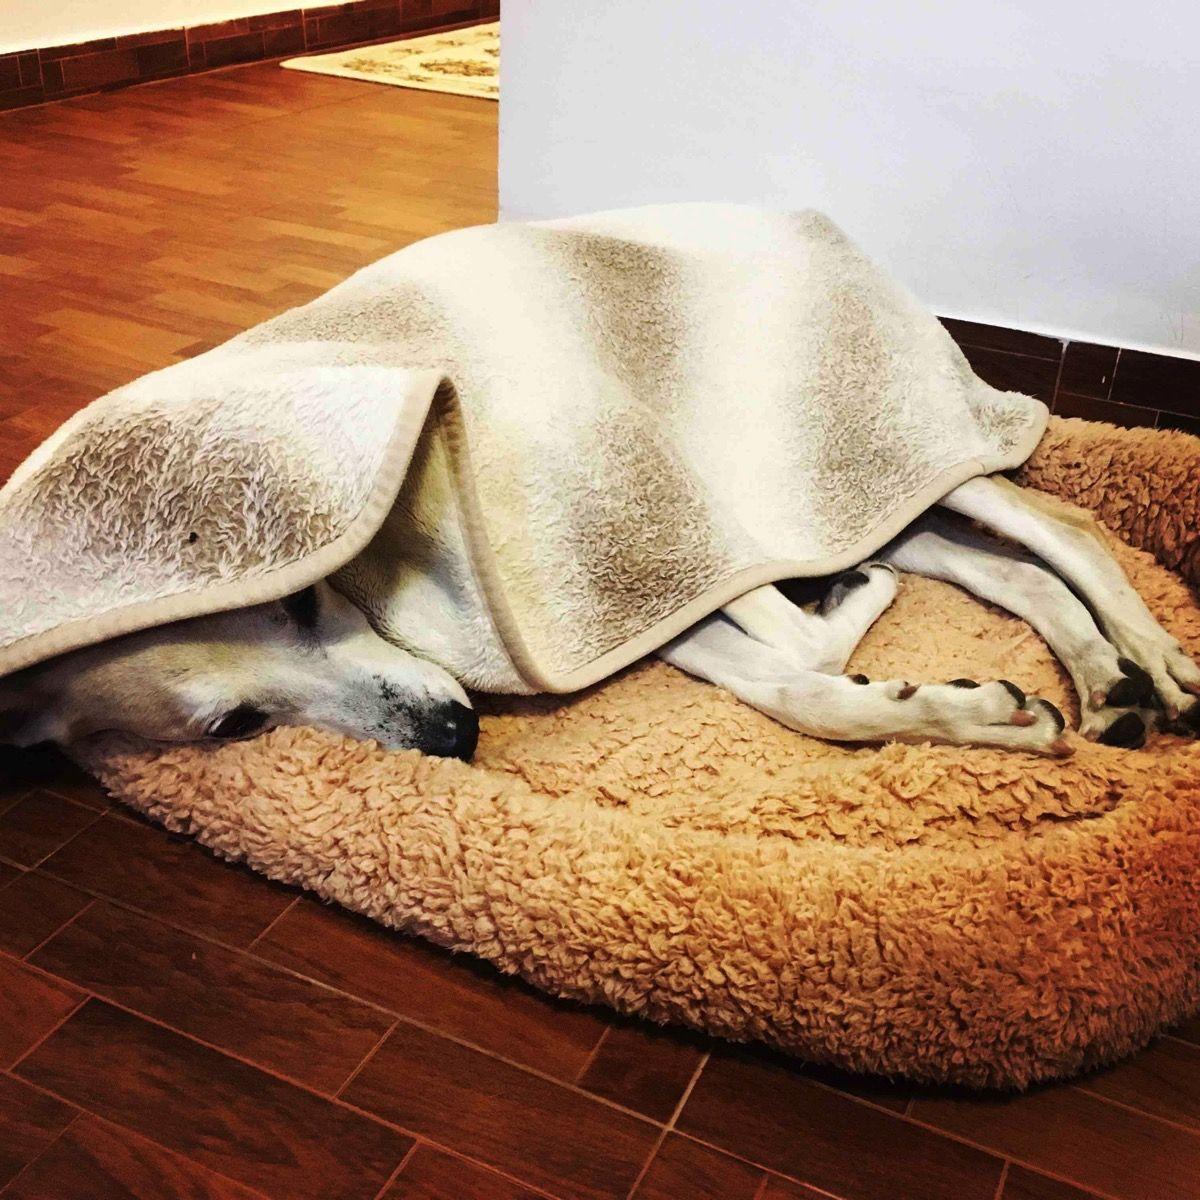 毛布をかけて寝ます